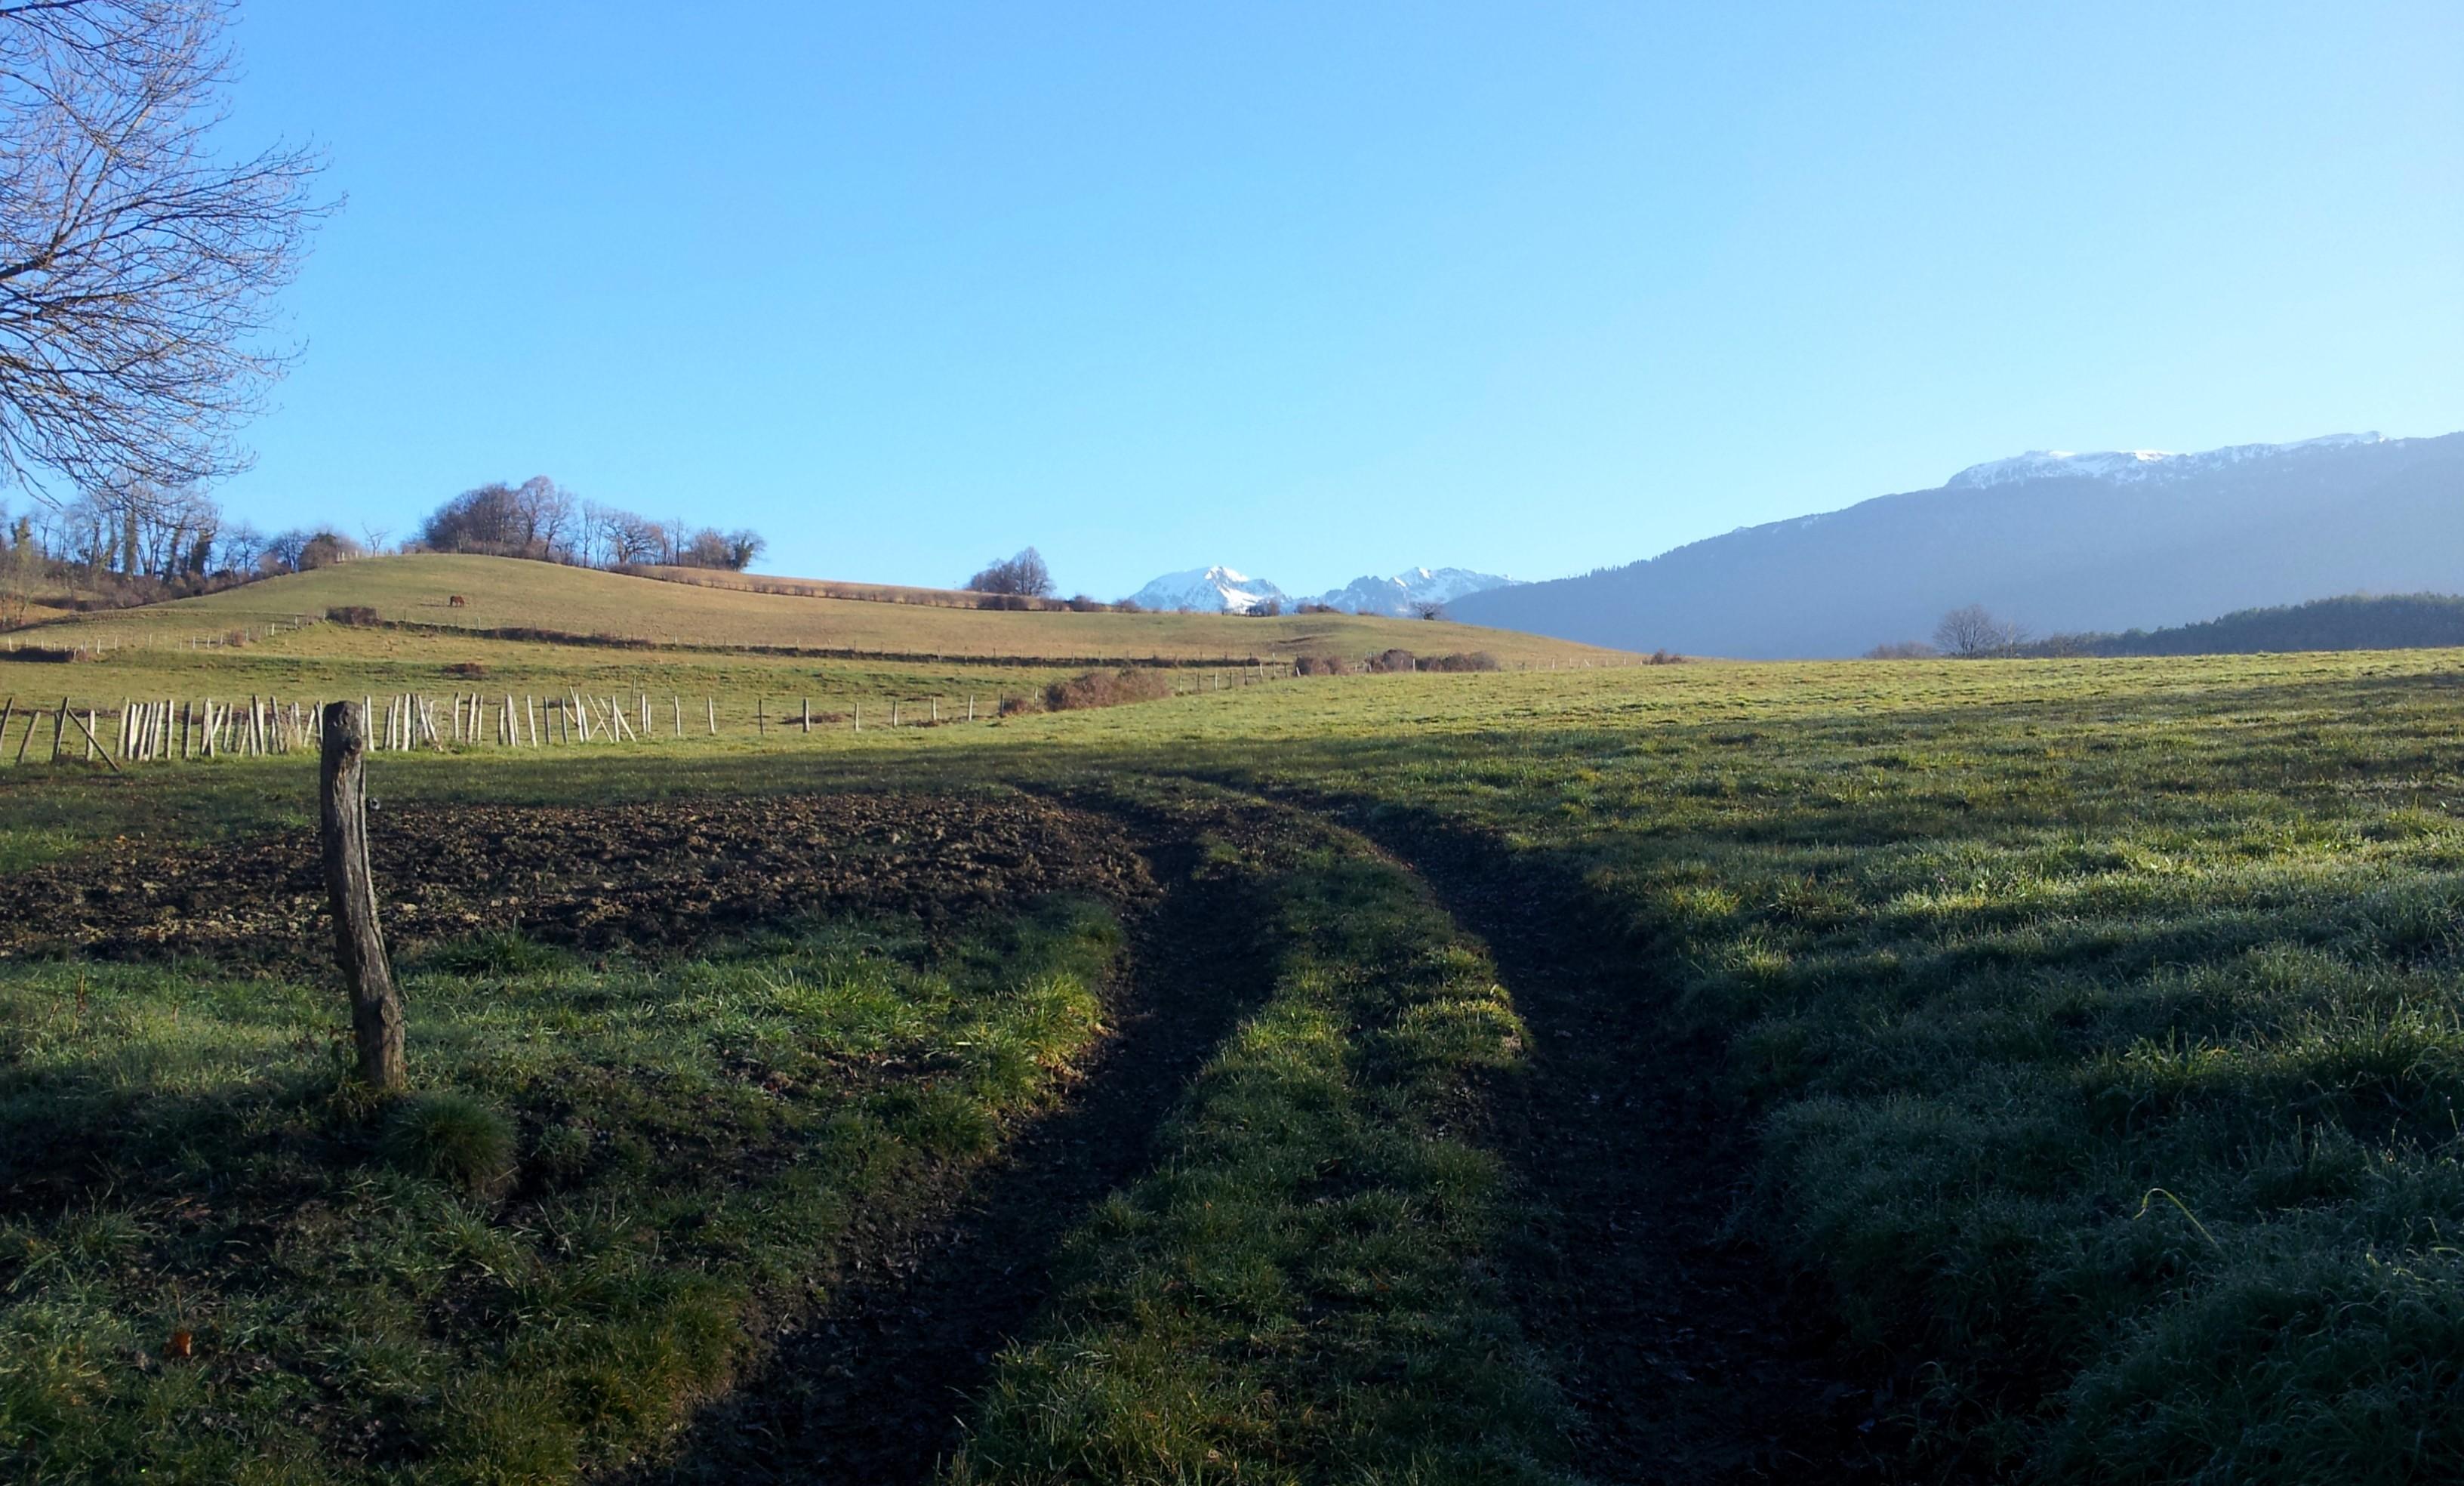 les cretes d'Herbeys en entier 20km cap 20 dec 15 (194)